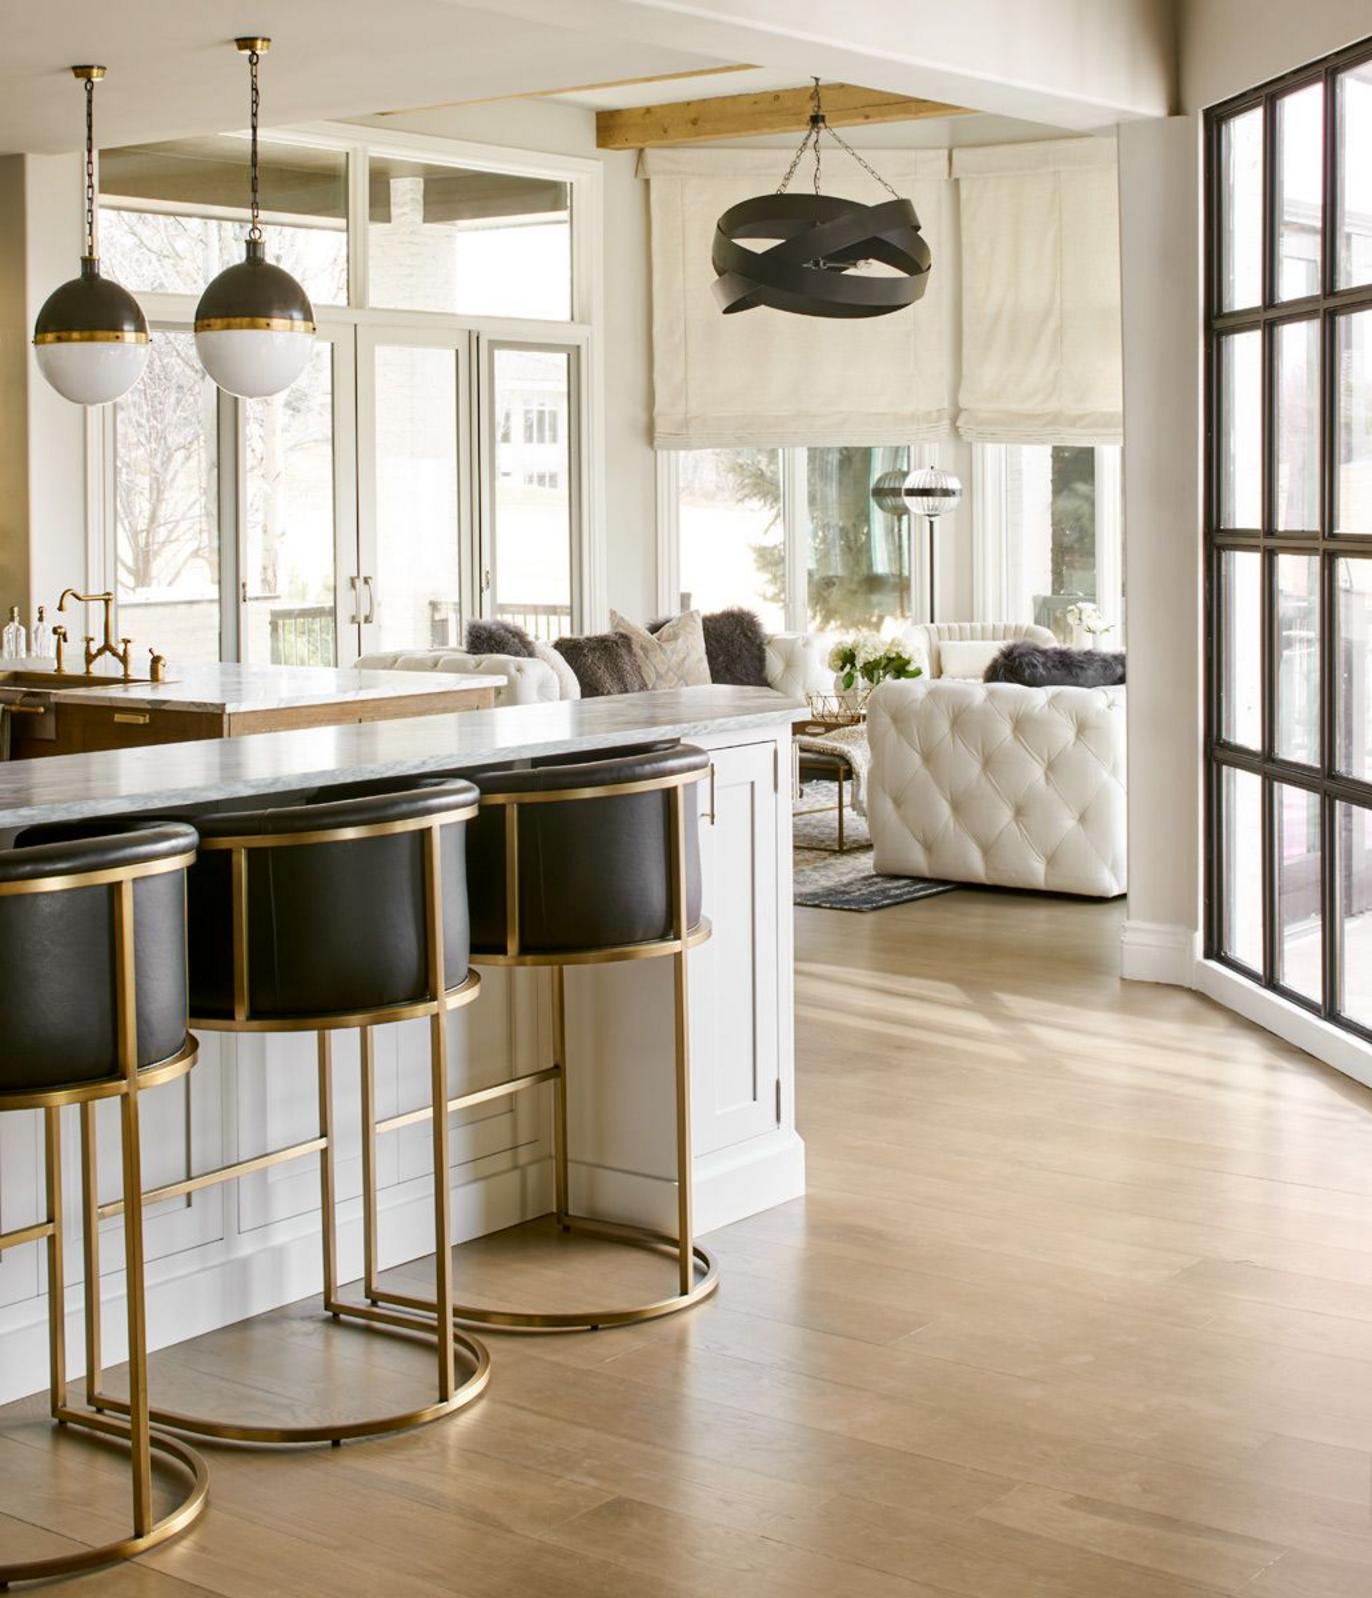 Interior Design Aesthetic: This Cozy, Classic Aesthetic By Studio 10 Interior Design